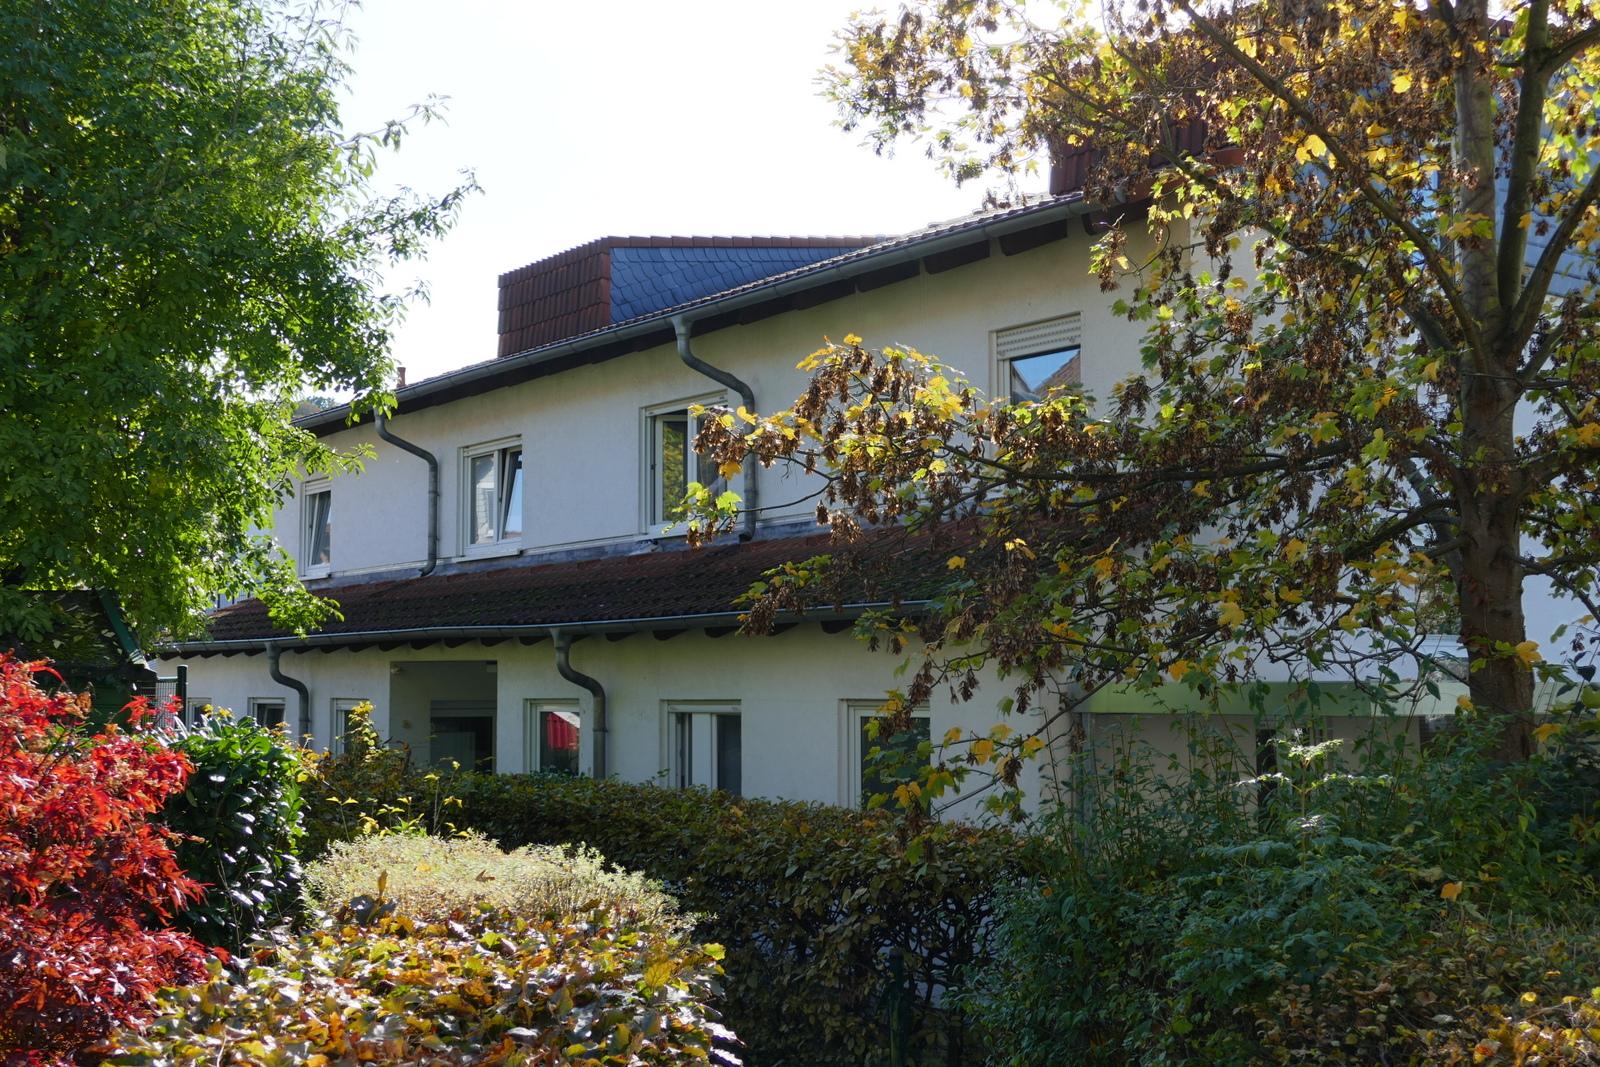 Jugendwohngruppe Weidenhausen der Jugendheim Marbach gGmbH